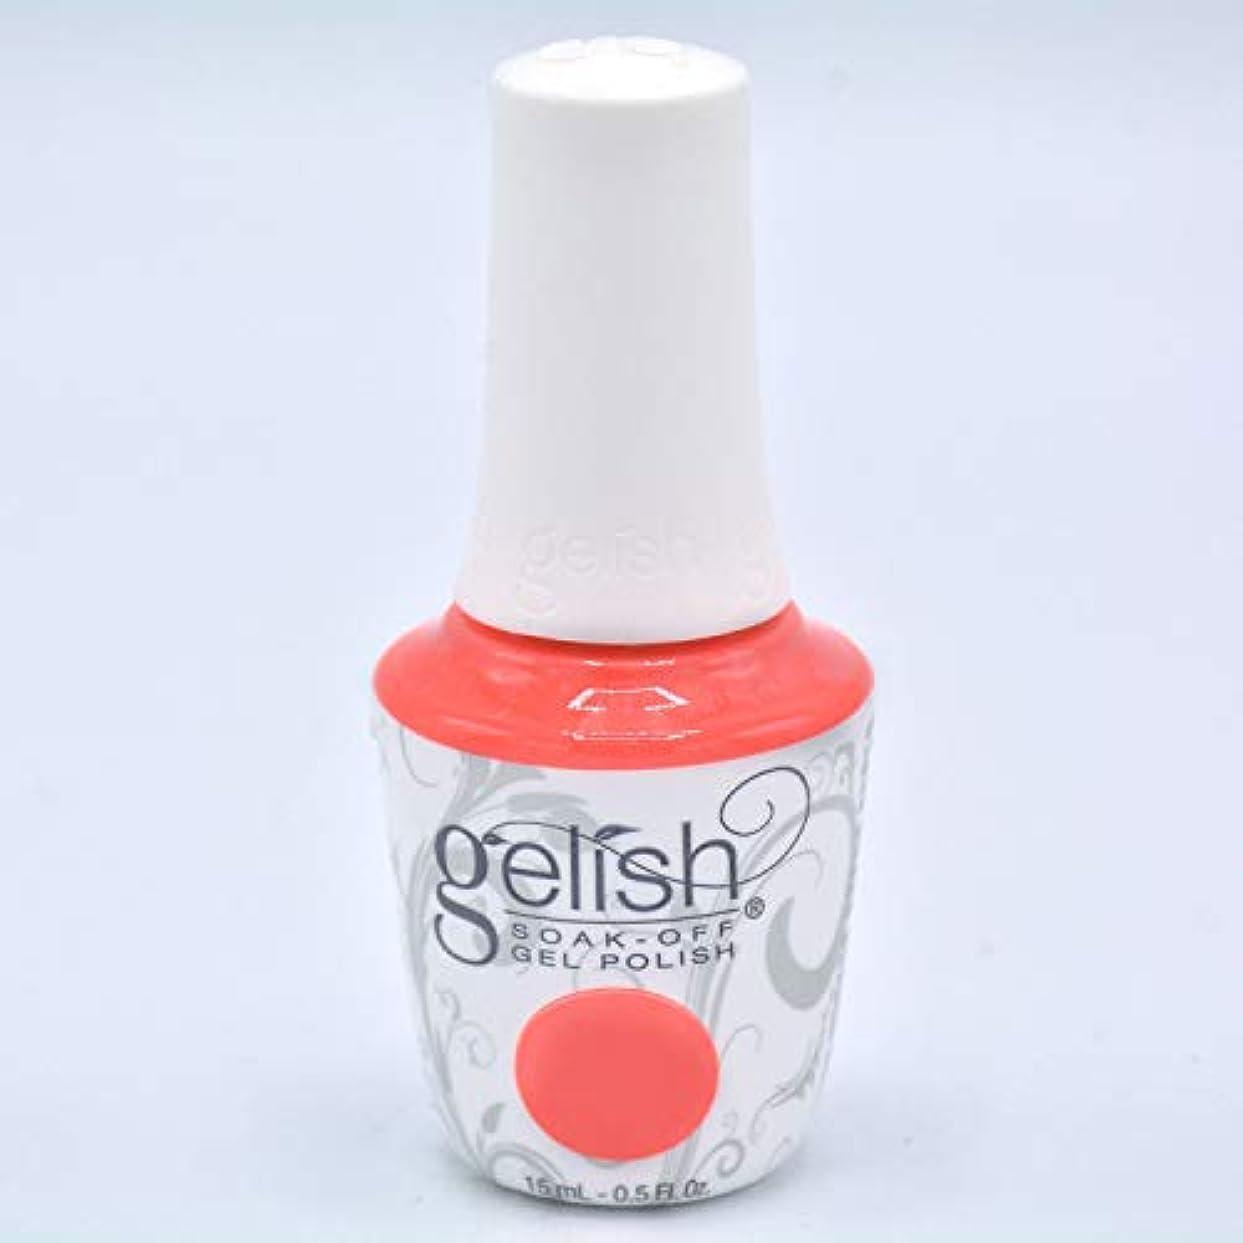 愛退化する英語の授業がありますHarmony Gelish Gel Polish - Brights Have More Fun - 0.5oz/15ml